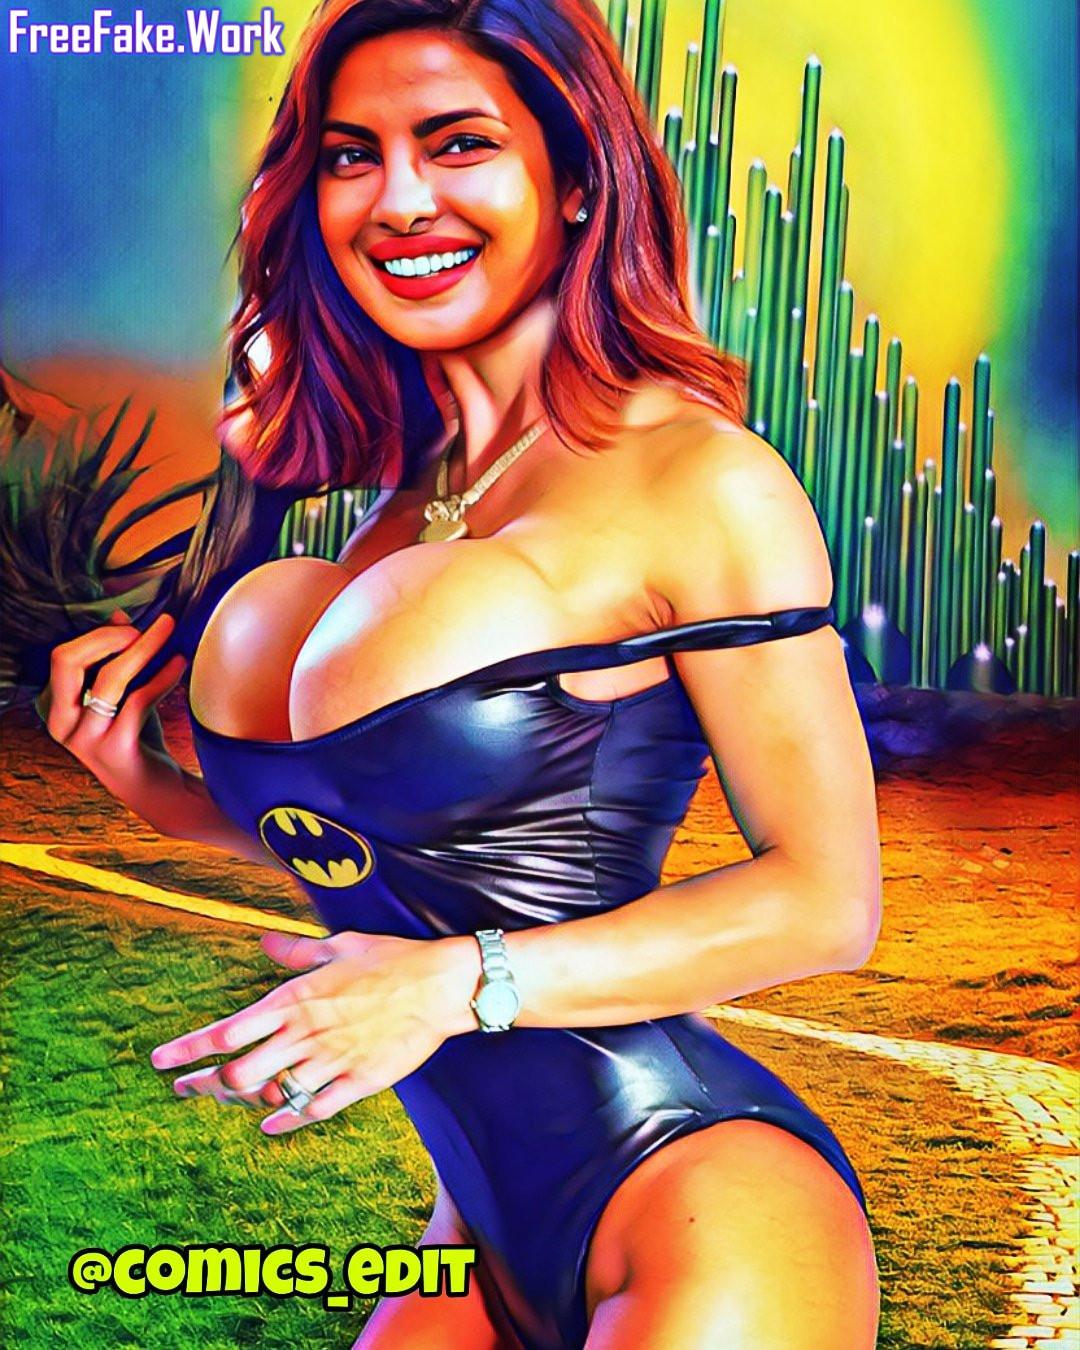 Priyanka-Chopra-big-fake-breast-cleavage-in-sexy-black-leather-bikini.jpg